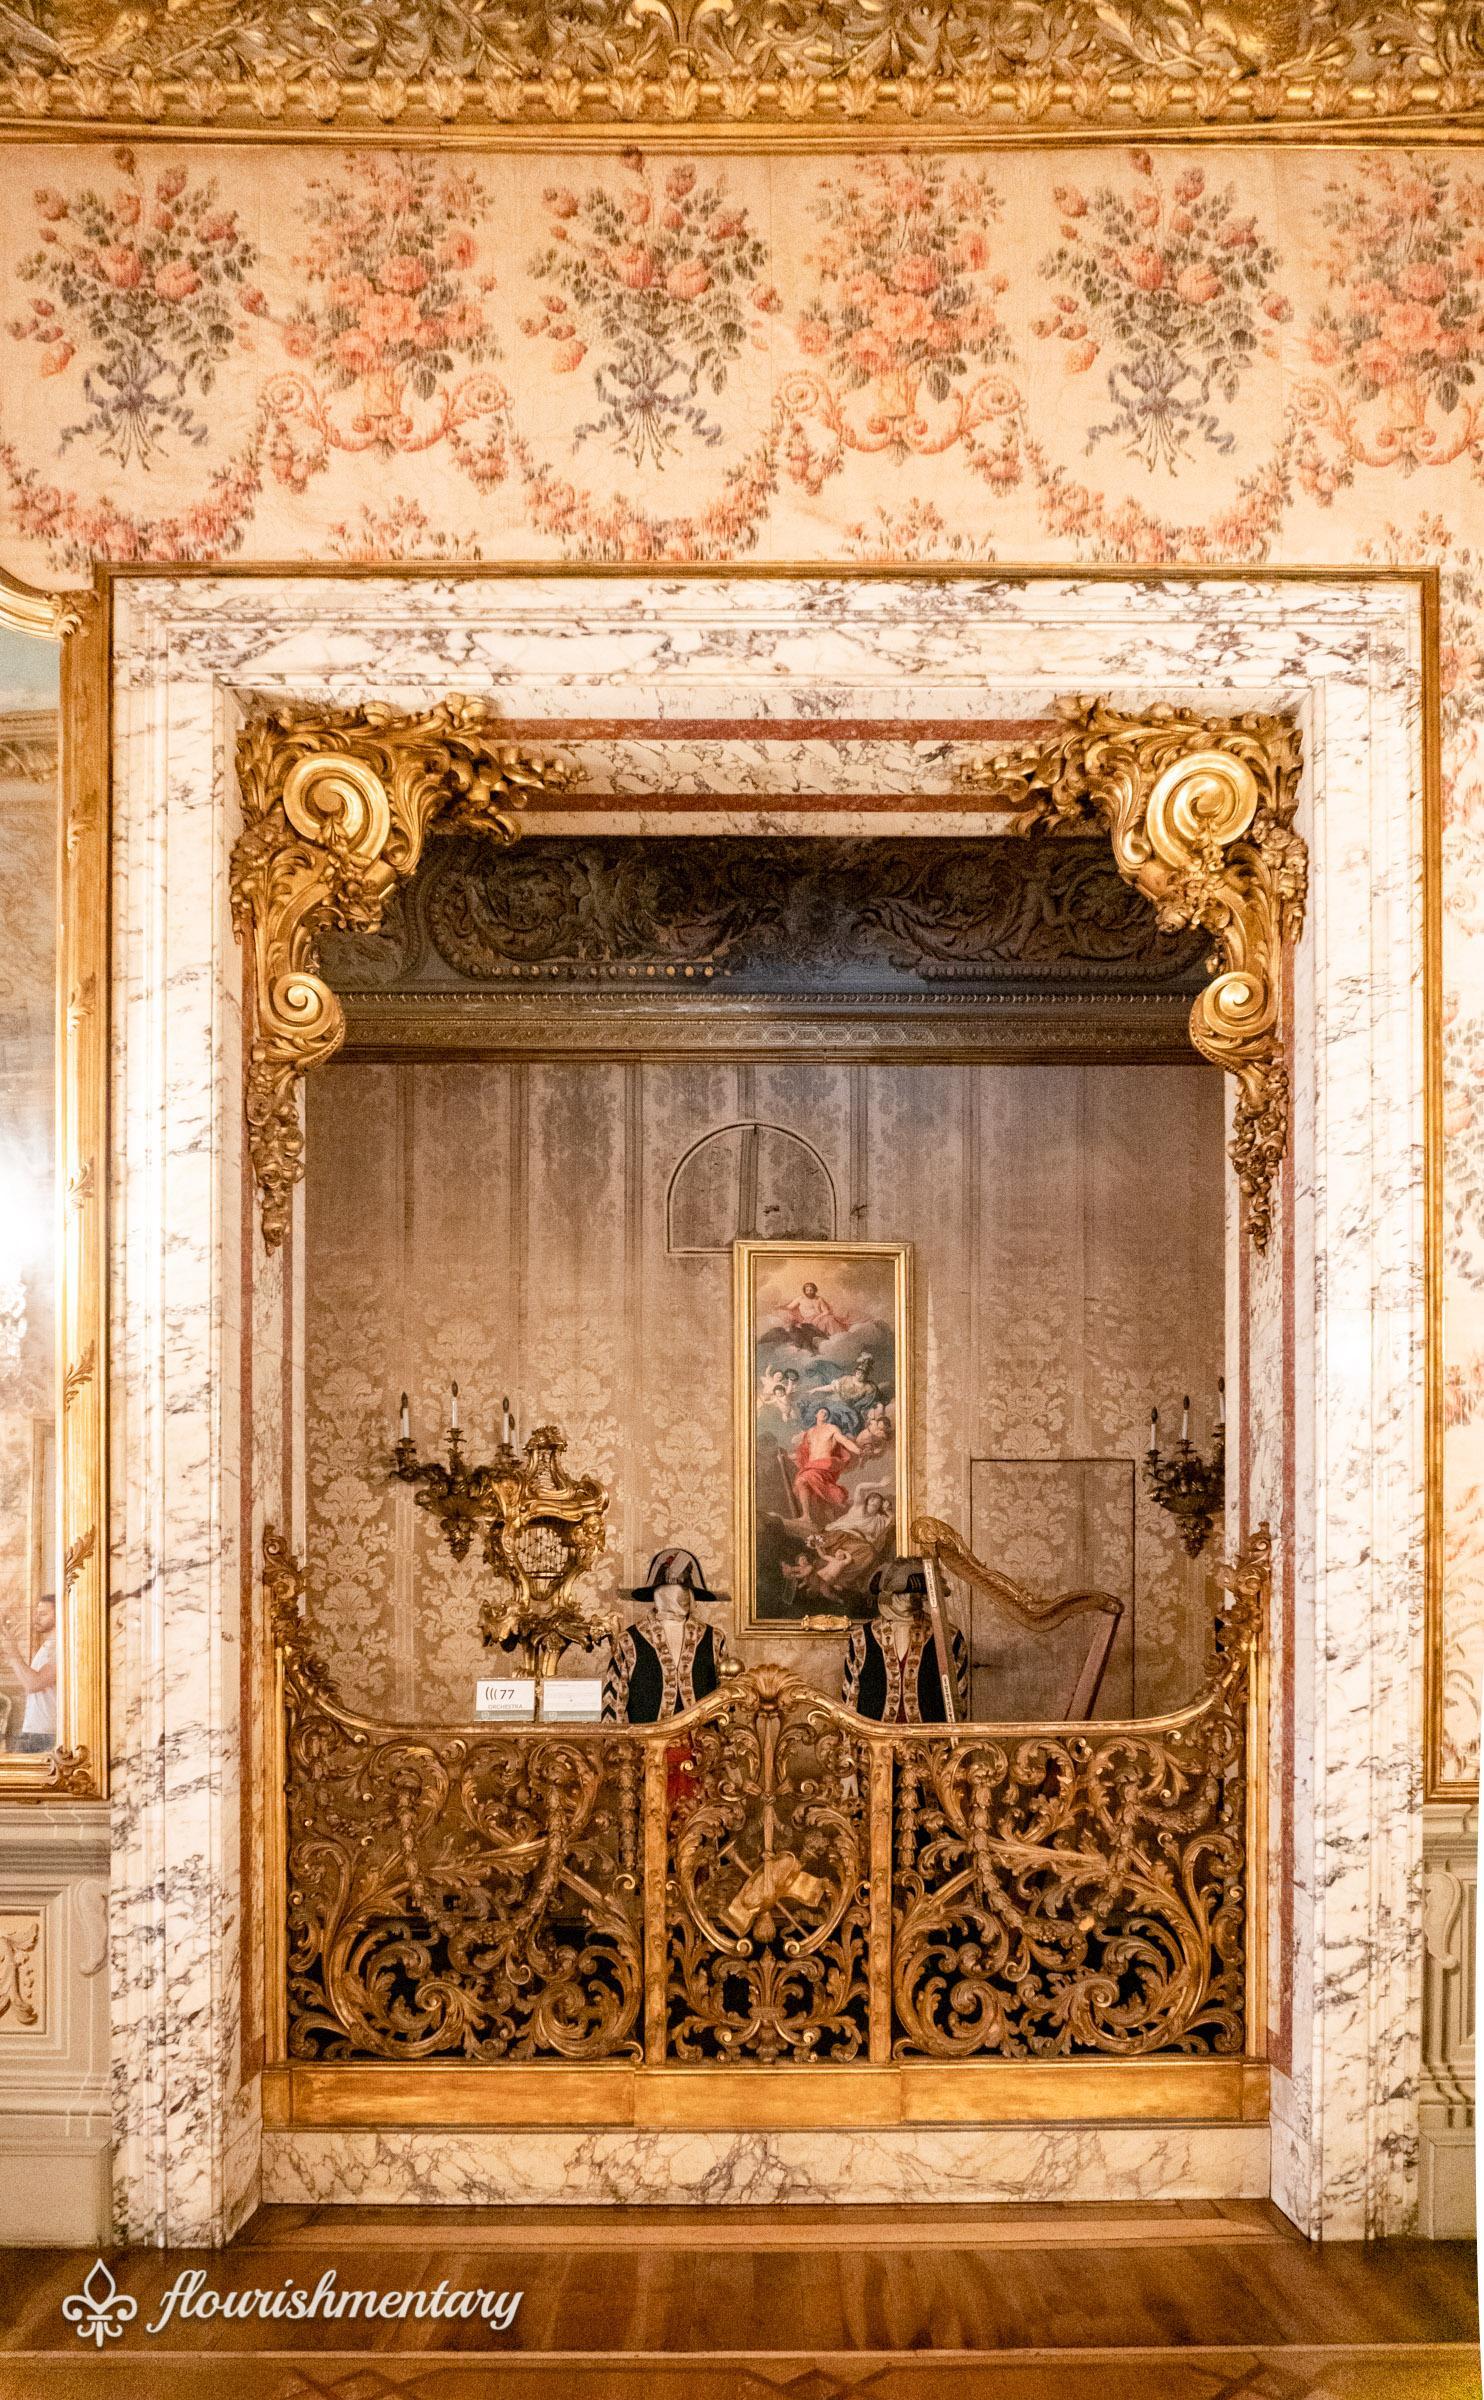 The Orchestra Pit in the galleria Doria Pamphilj Ballroom